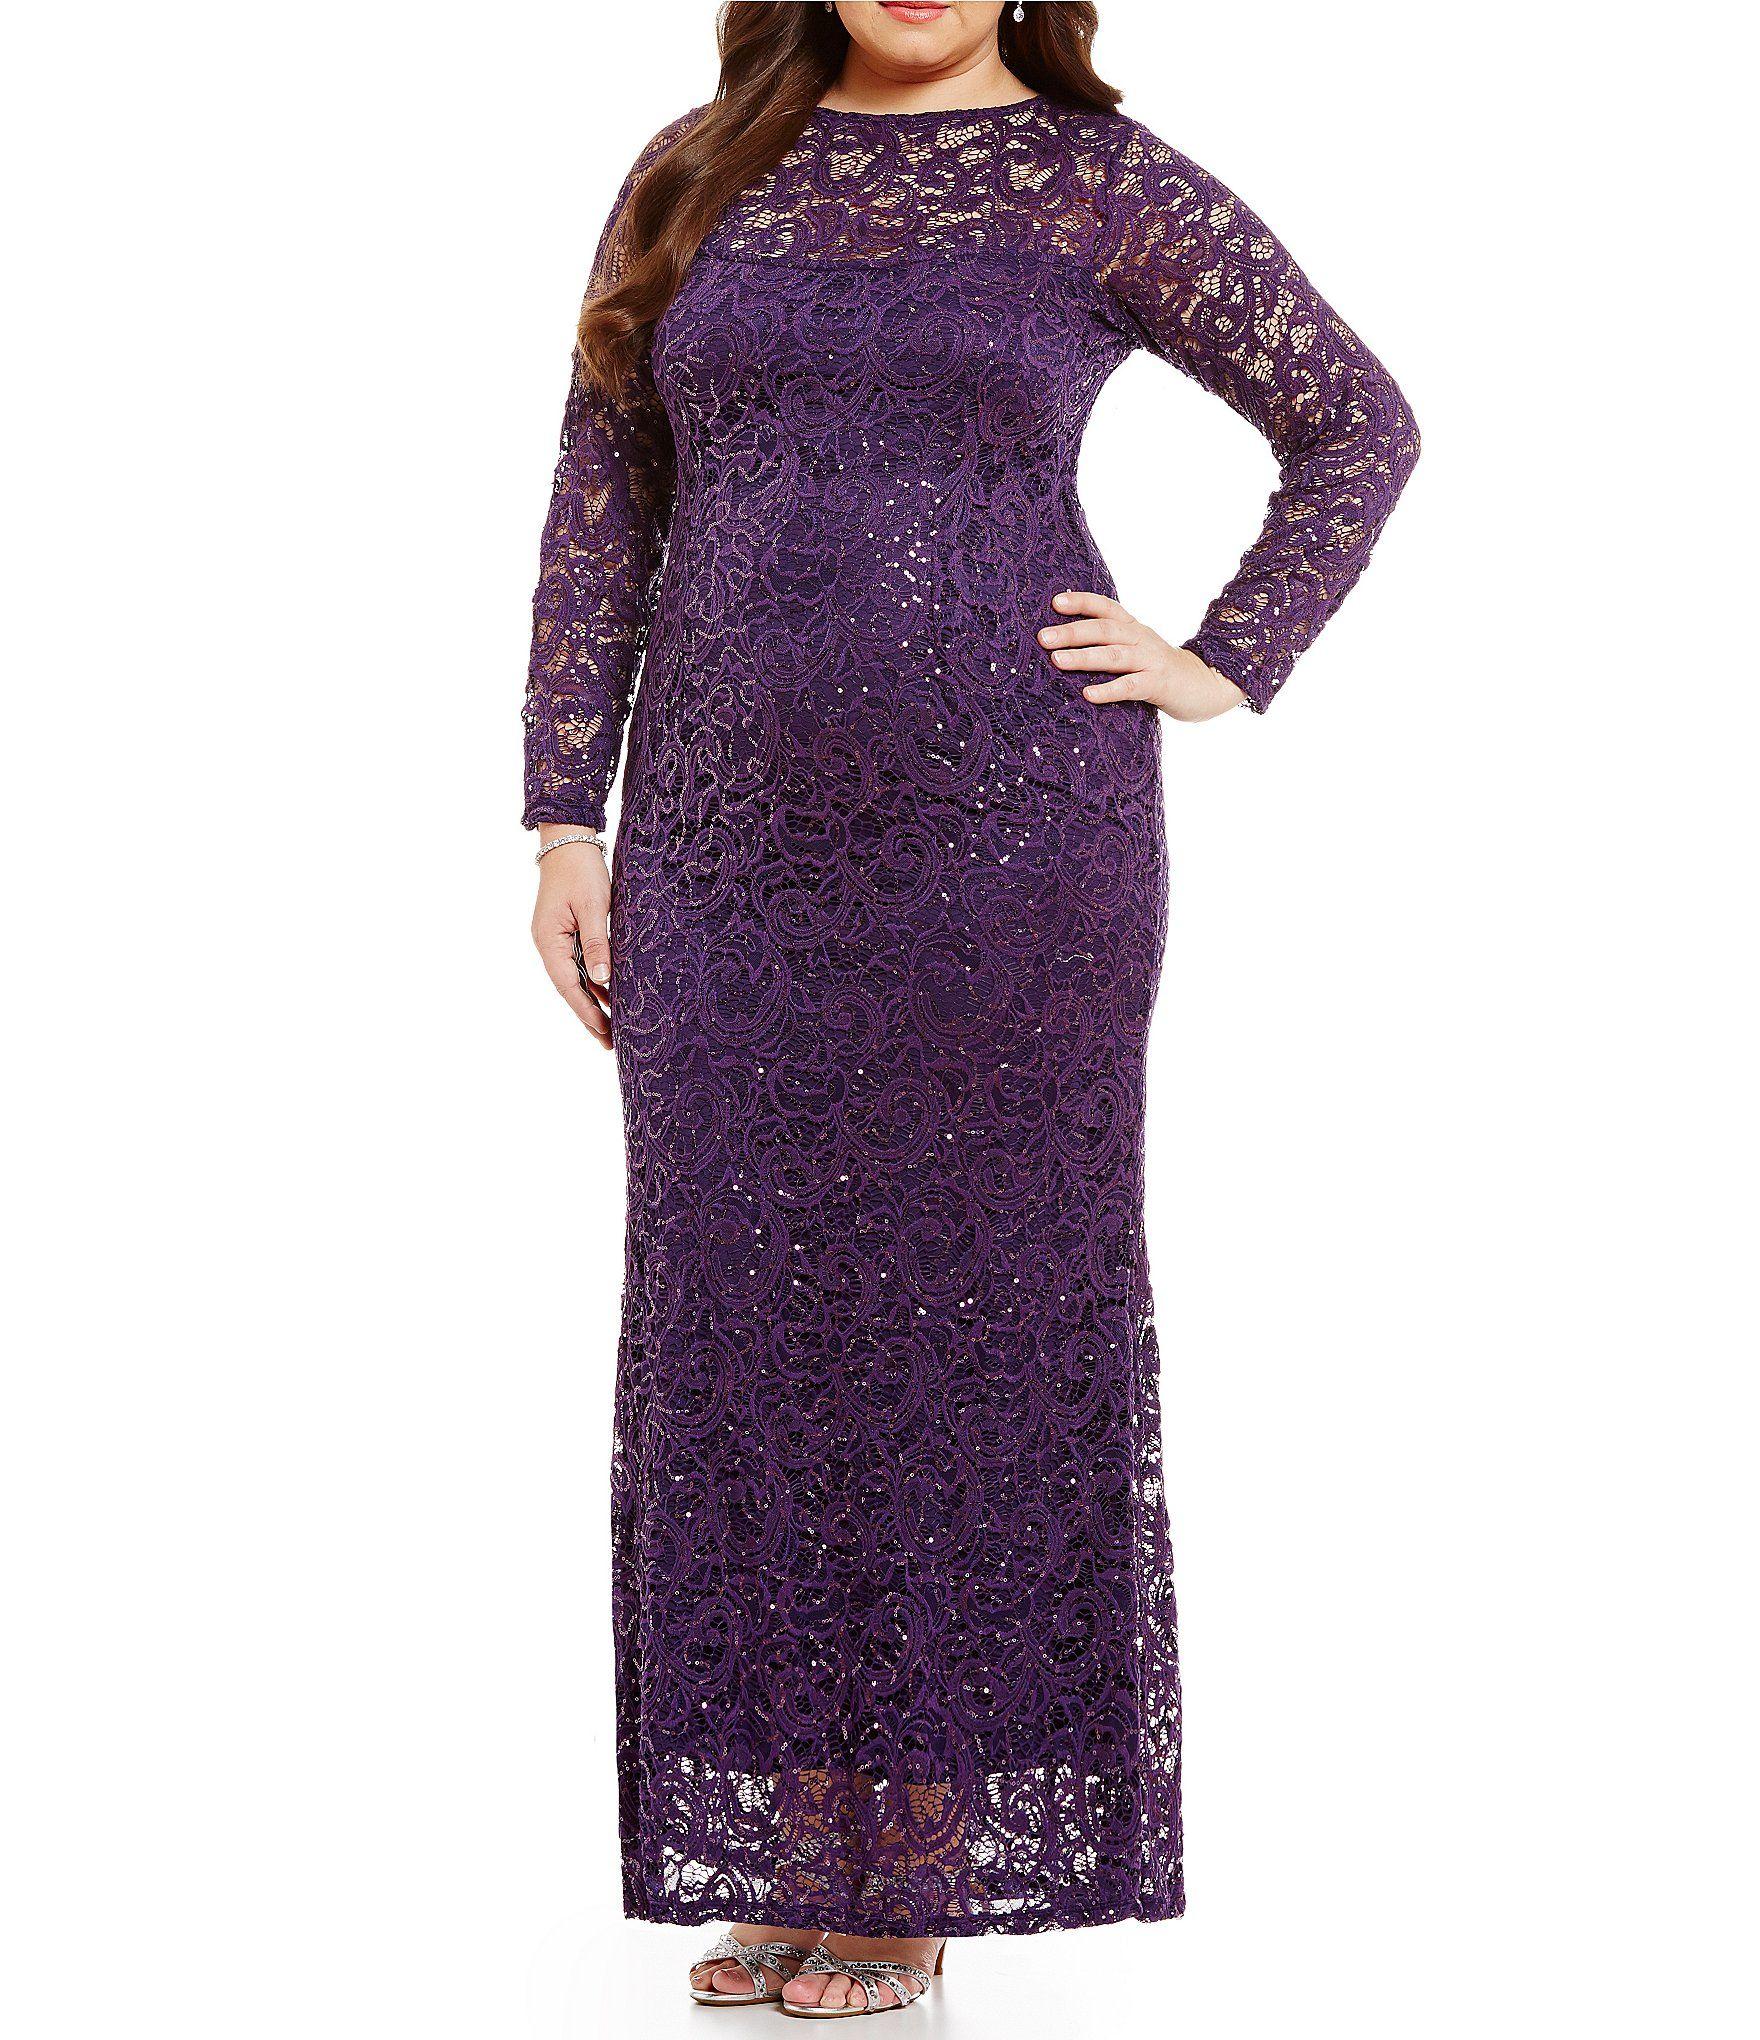 Marina Plus Illusion Sequin Lace Gown | Trajes boda, Traje y Boda